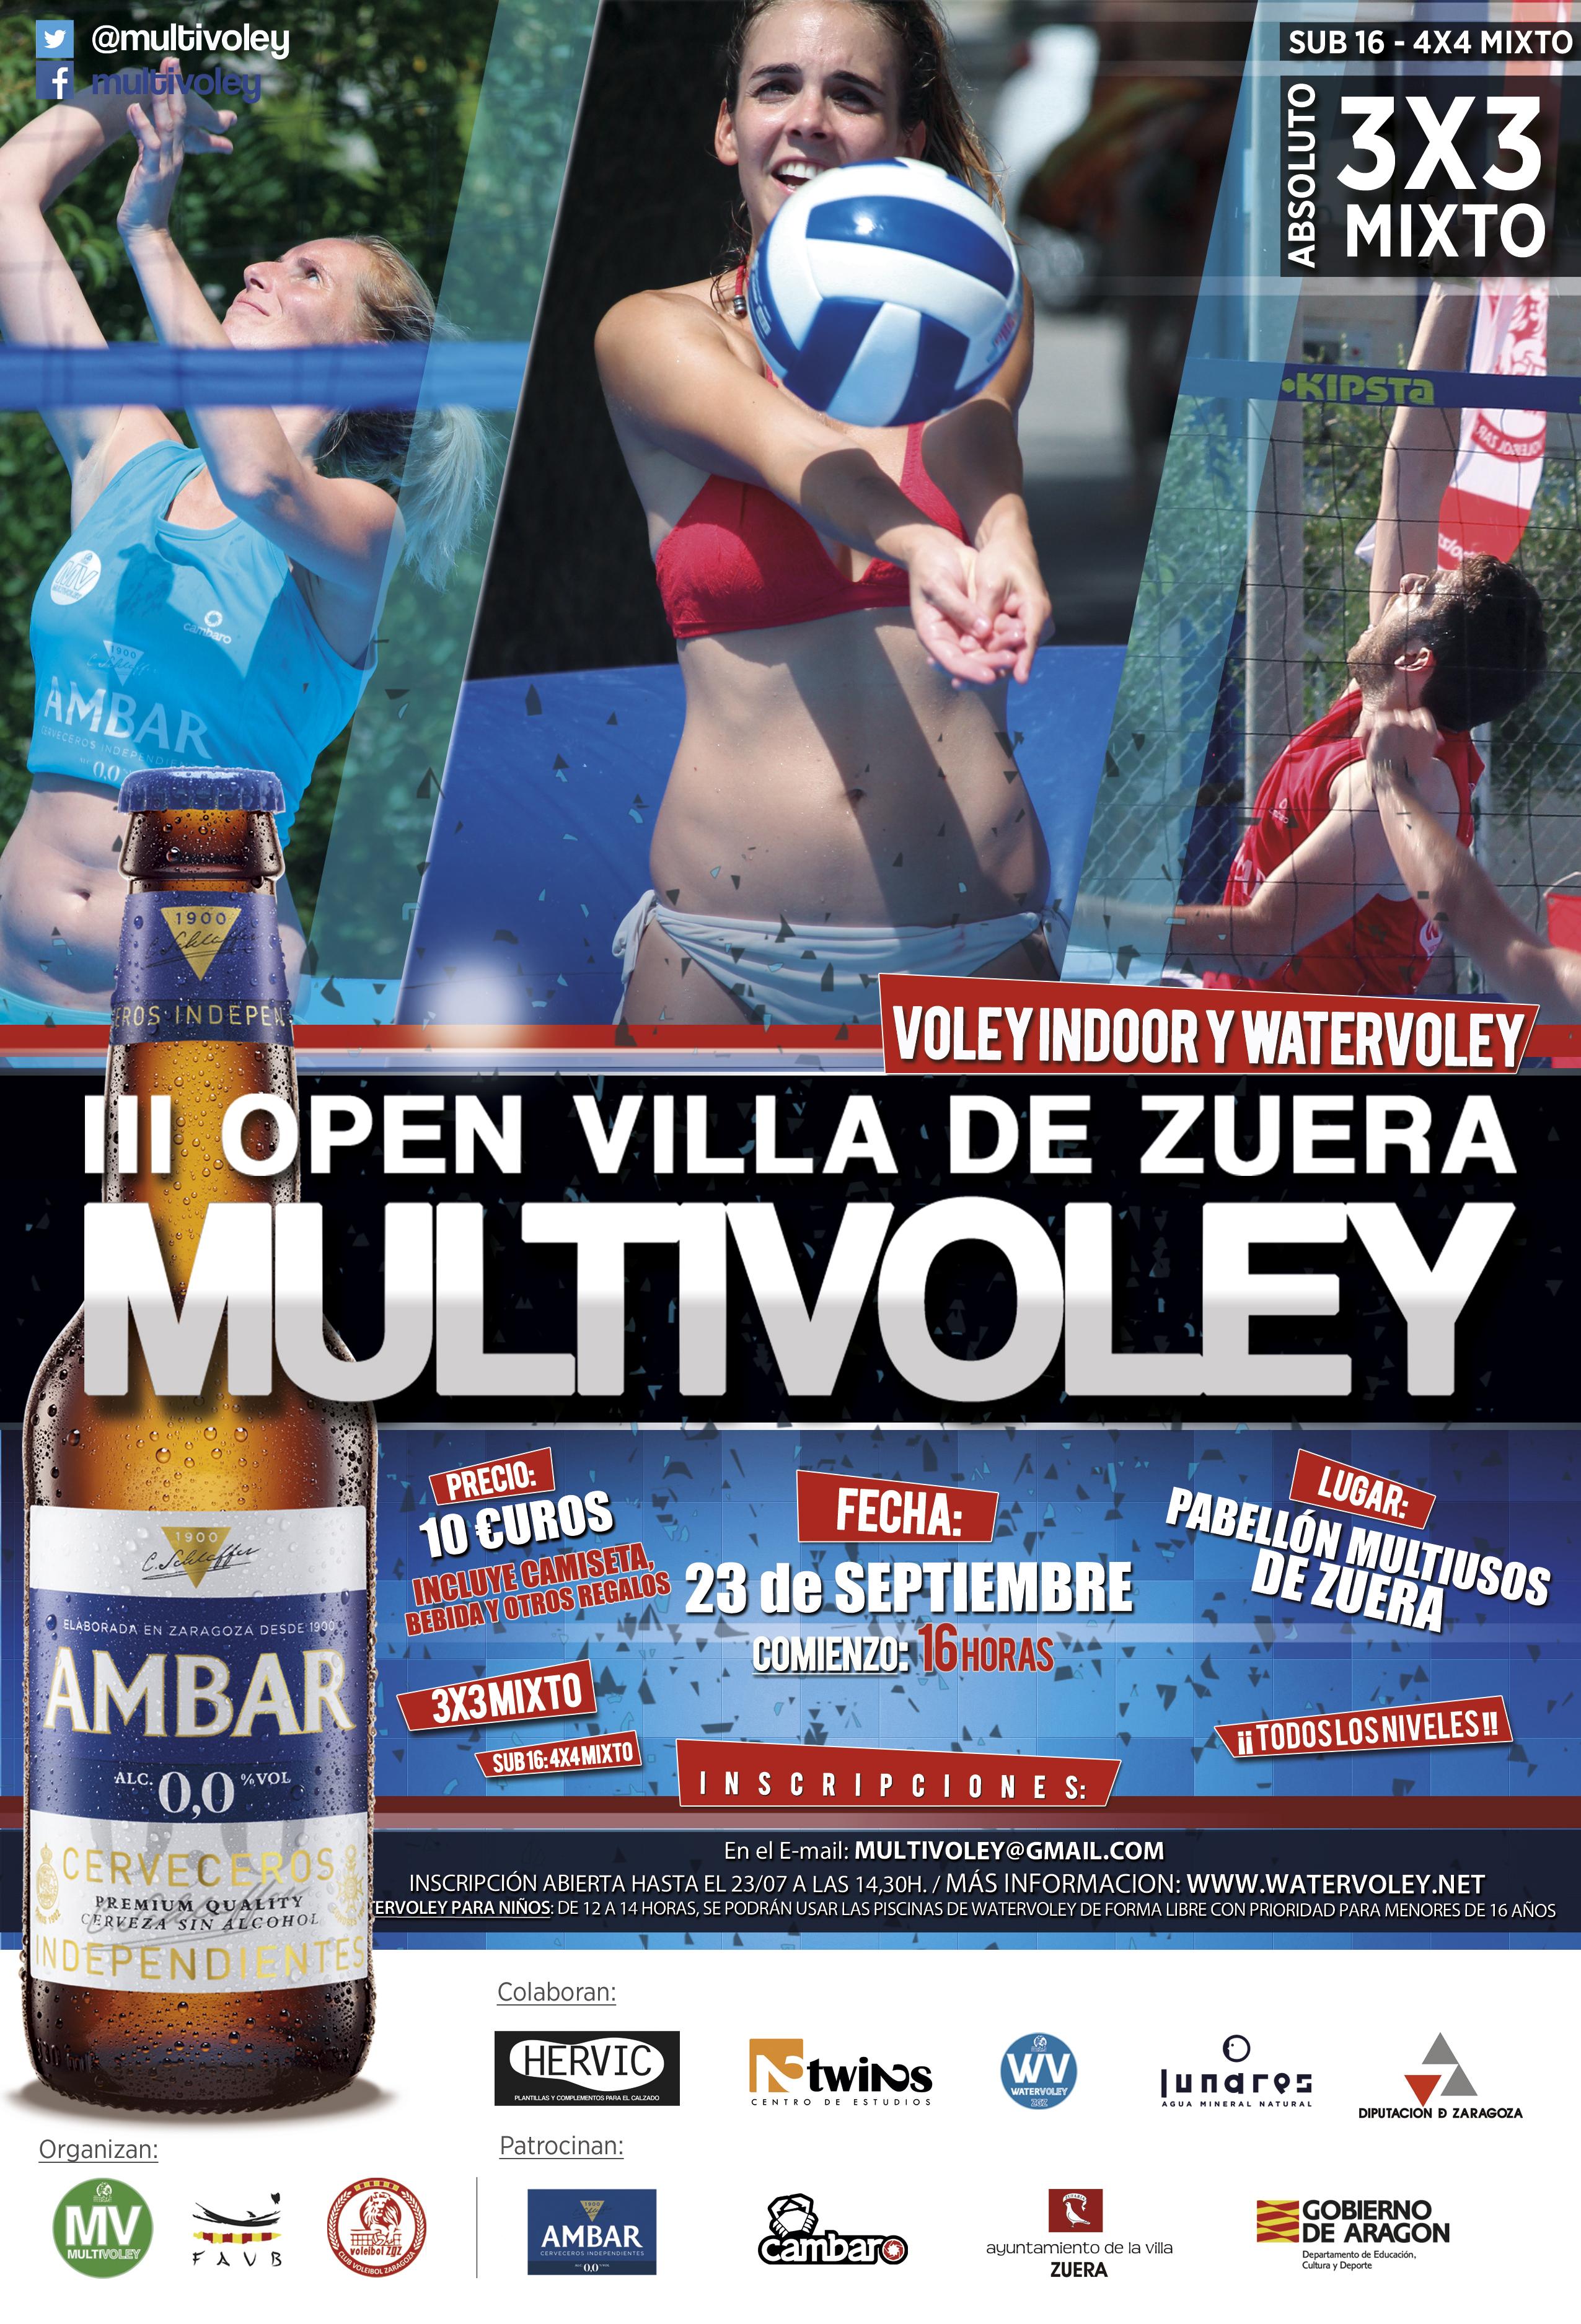 Circuito Zuera : El iii open villa de zuera se disputará el sábado 23 de septiembre